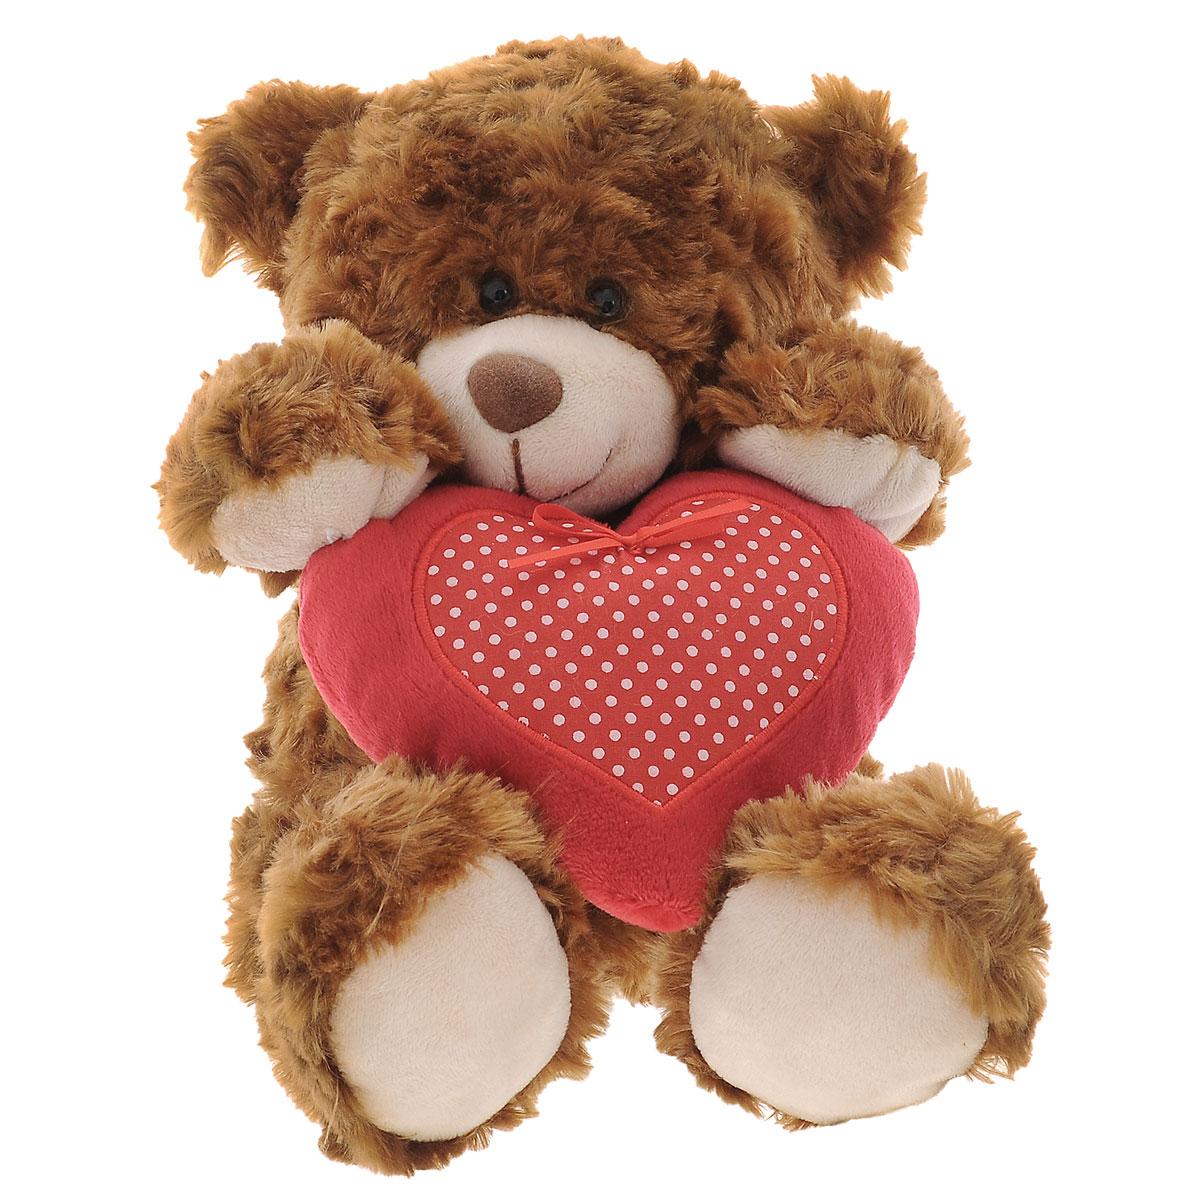 Plush Apple Мягкая игрушка Медведь с сердцем, 30 смK11183AМягкая игрушка Plush Apple Медведь с сердцем, изготовленная из текстиля с элементами пластика, станет замечательным подарком для ребенка или взрослого. Очаровательный Мишка с пушистой приятной шерсткой коричневого цвета и черными глазами-бусинками понравится своему обладателю. В лапках медвежонок держит большое сердечко красного цвета. Плюшевая игрушка Медведь с сердцем поможет любому человеку выразить свои чувства и преподнести незабываемый, оригинальный подарок своим близким и любимым.